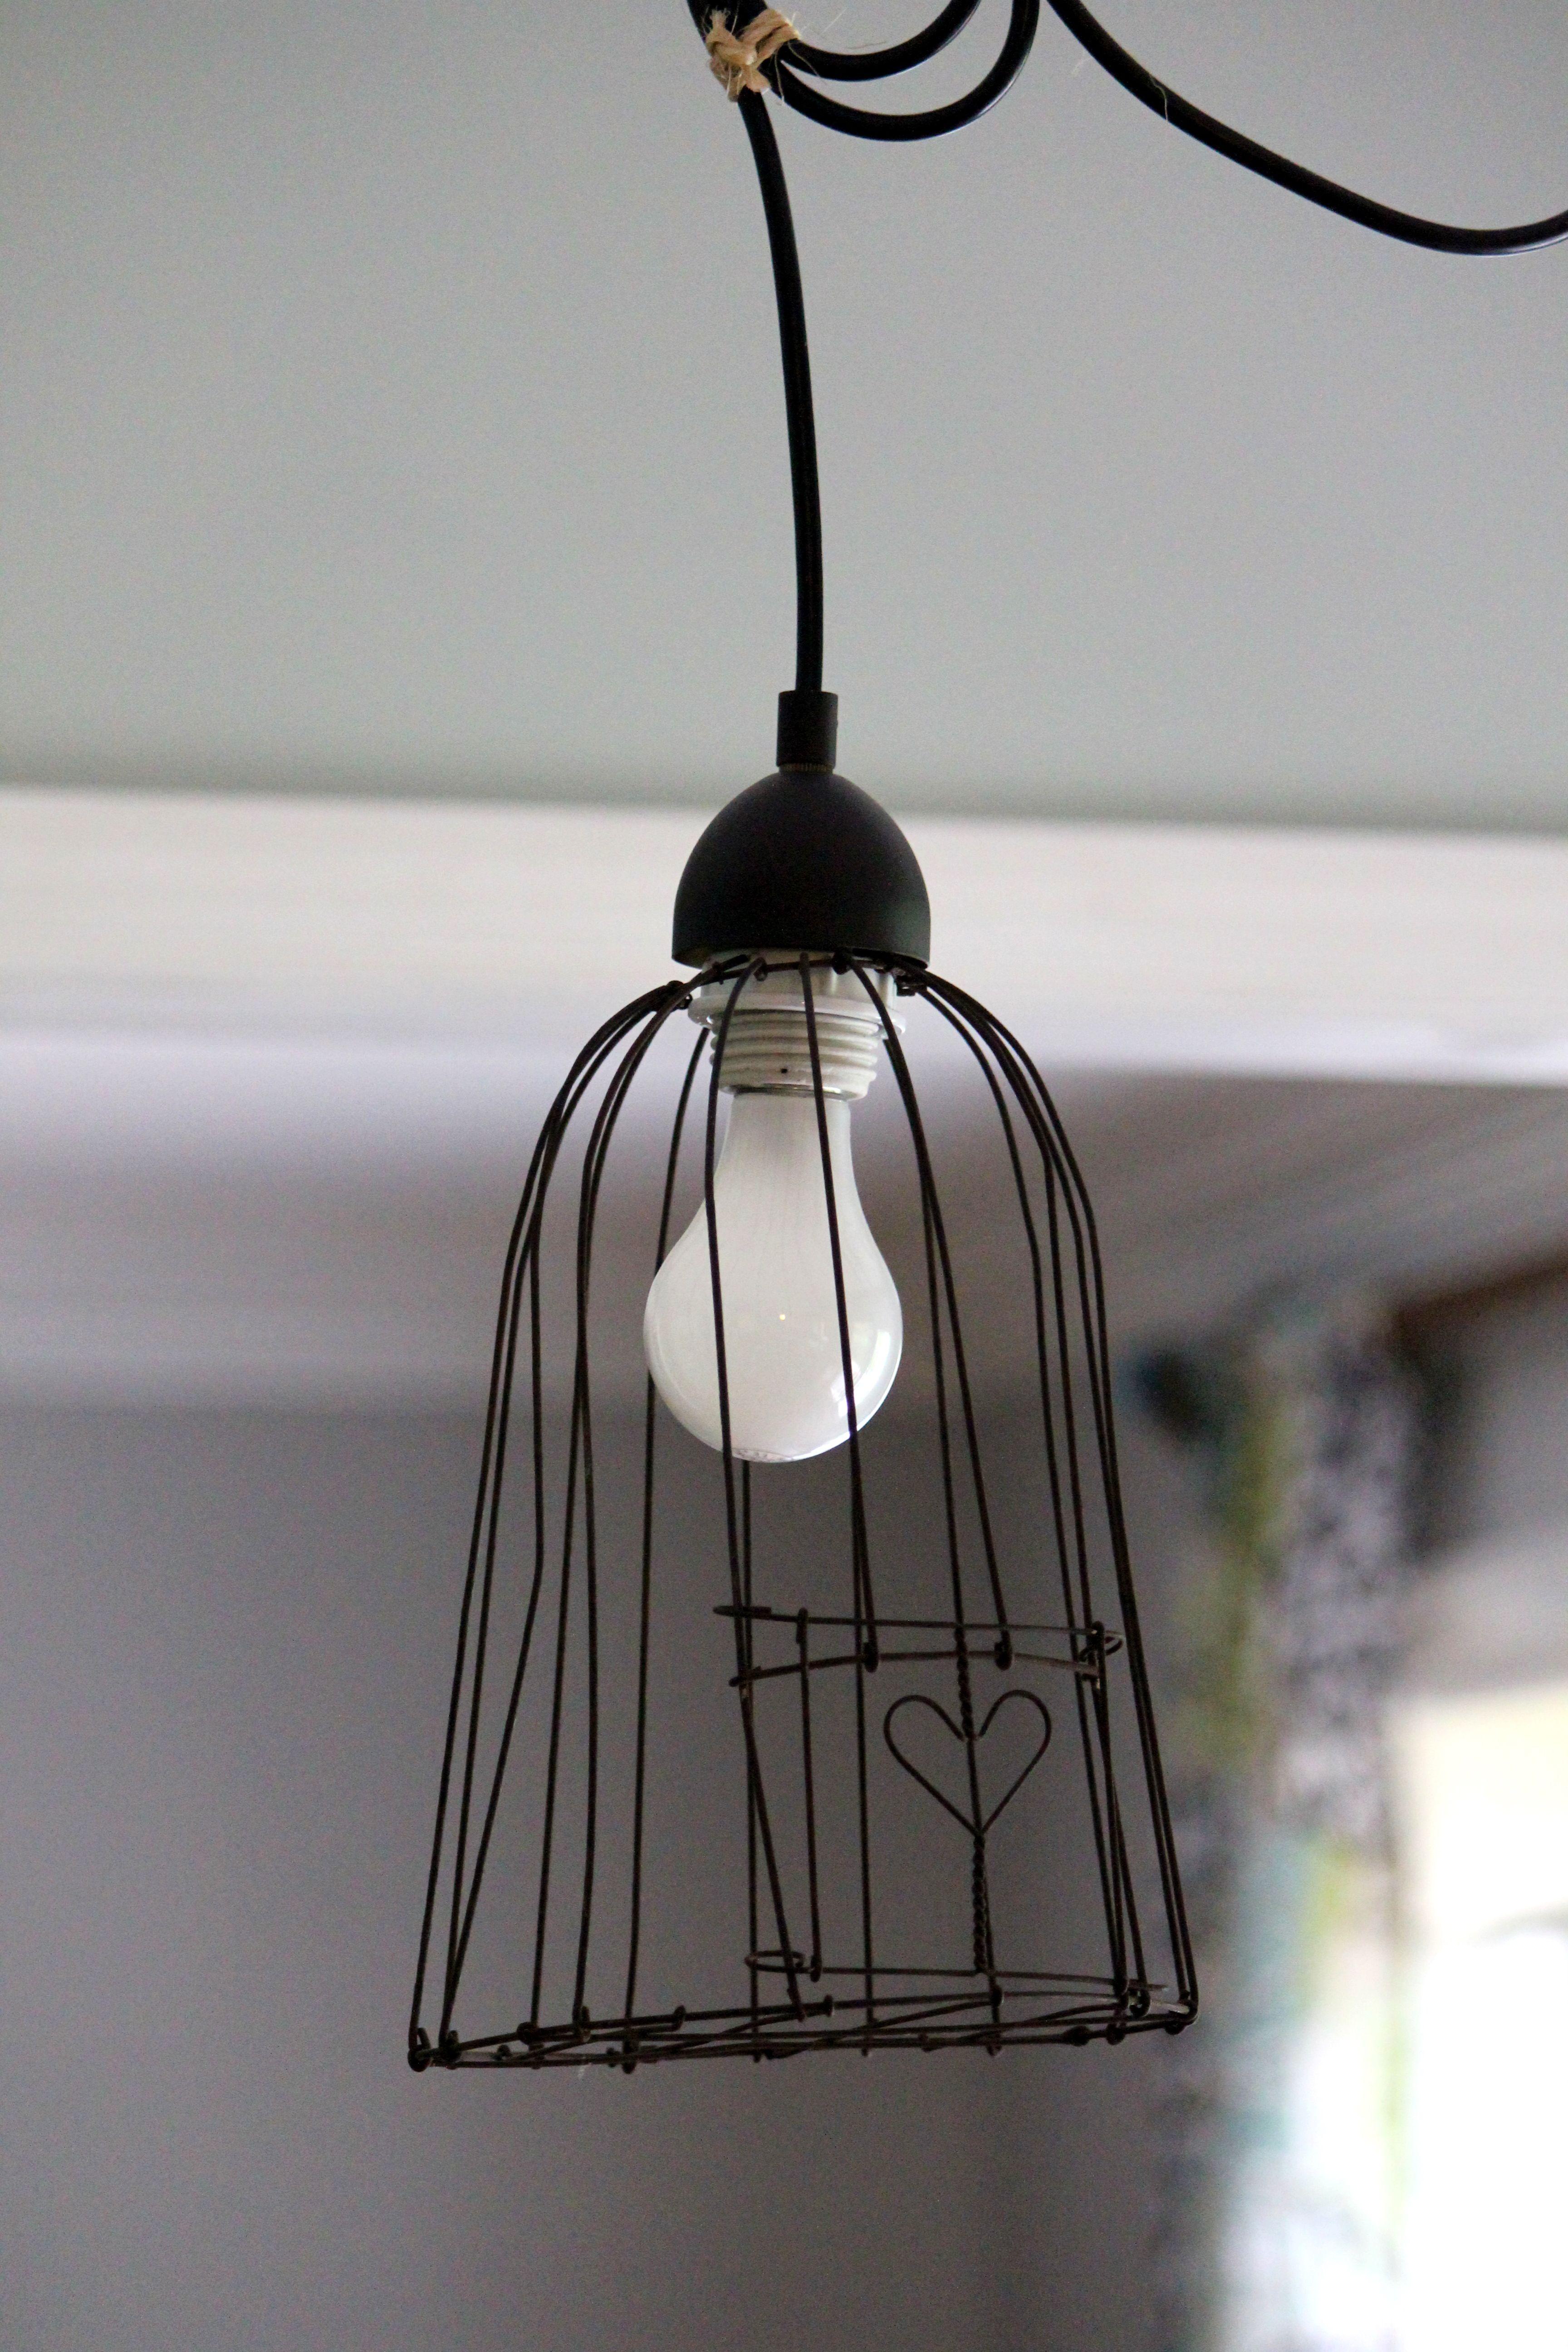 lighting | bedroom | DIY Lámparas | Pinterest | Draht, Metall und Lampen